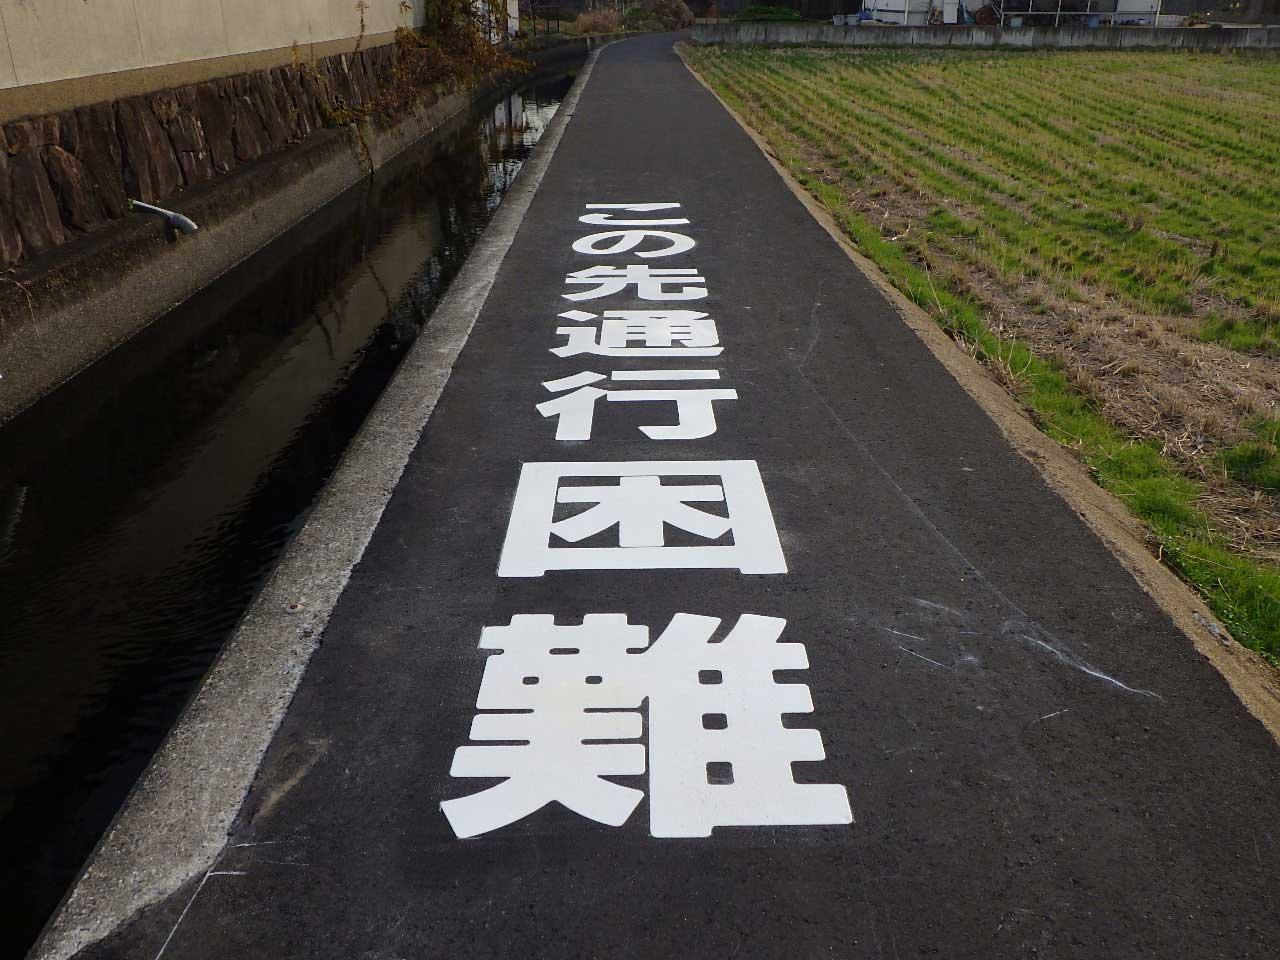 文字【 この先通行困難 】